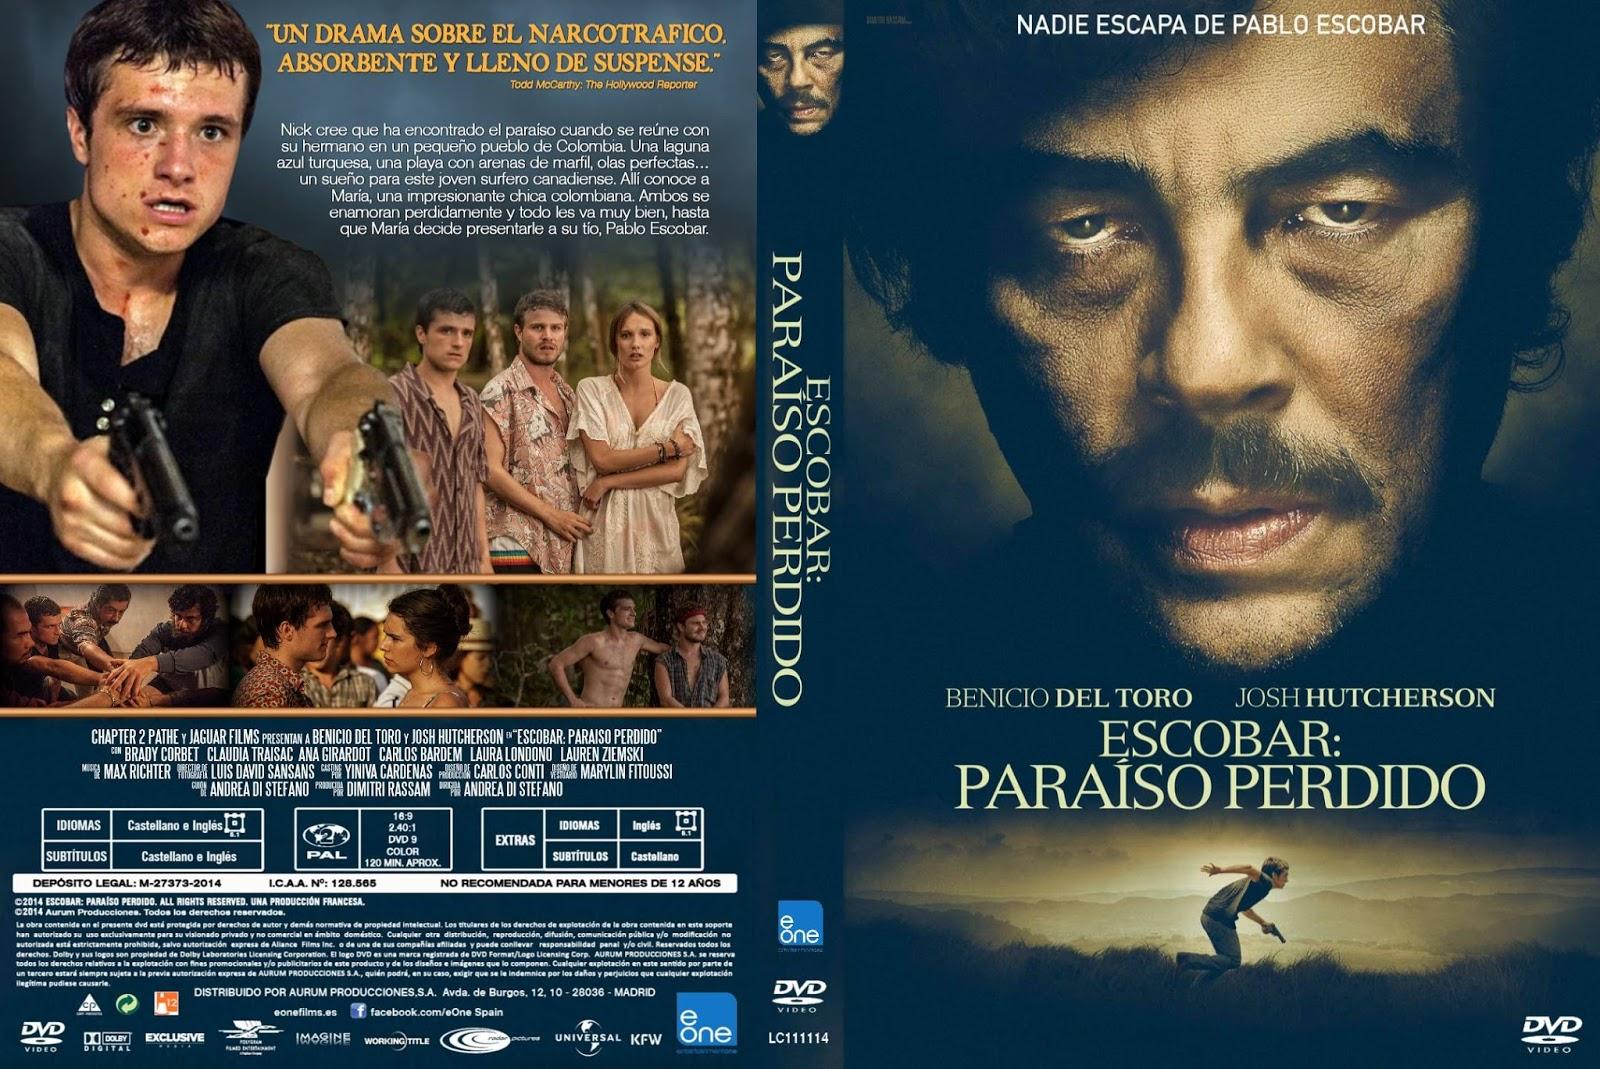 Escobar Paraíso Perdido BDRip XviD Dual Áudio escobar paraiso perdido custom por lolocapri dvd